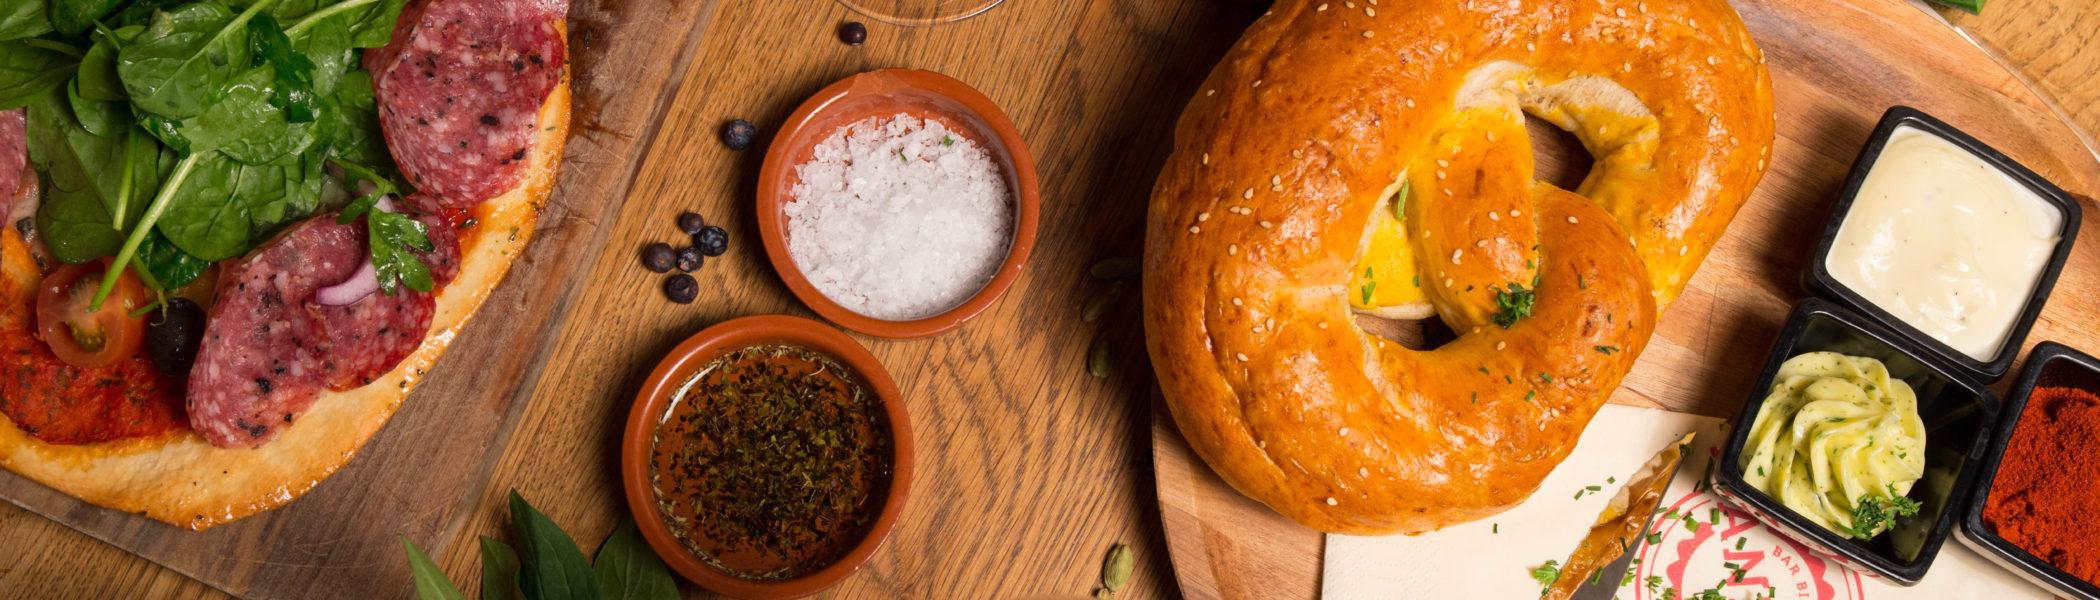 restaurant-zaandam-manzo-bar-bistro-menu-starter-voorgerecht